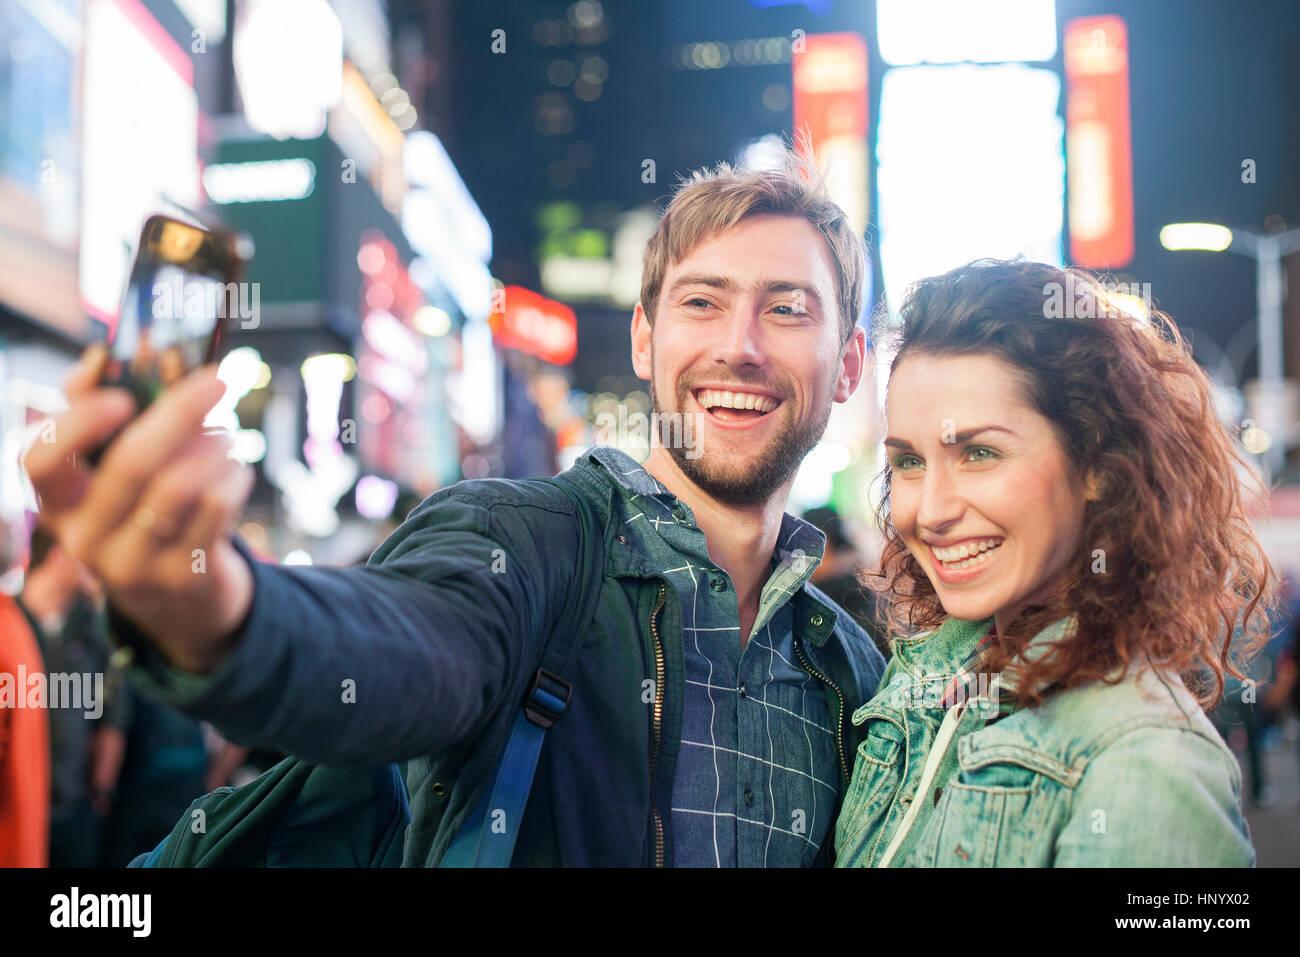 Coppia giovane tenendo selfie in Times Square a New York City, New York, Stati Uniti d'America Immagini Stock